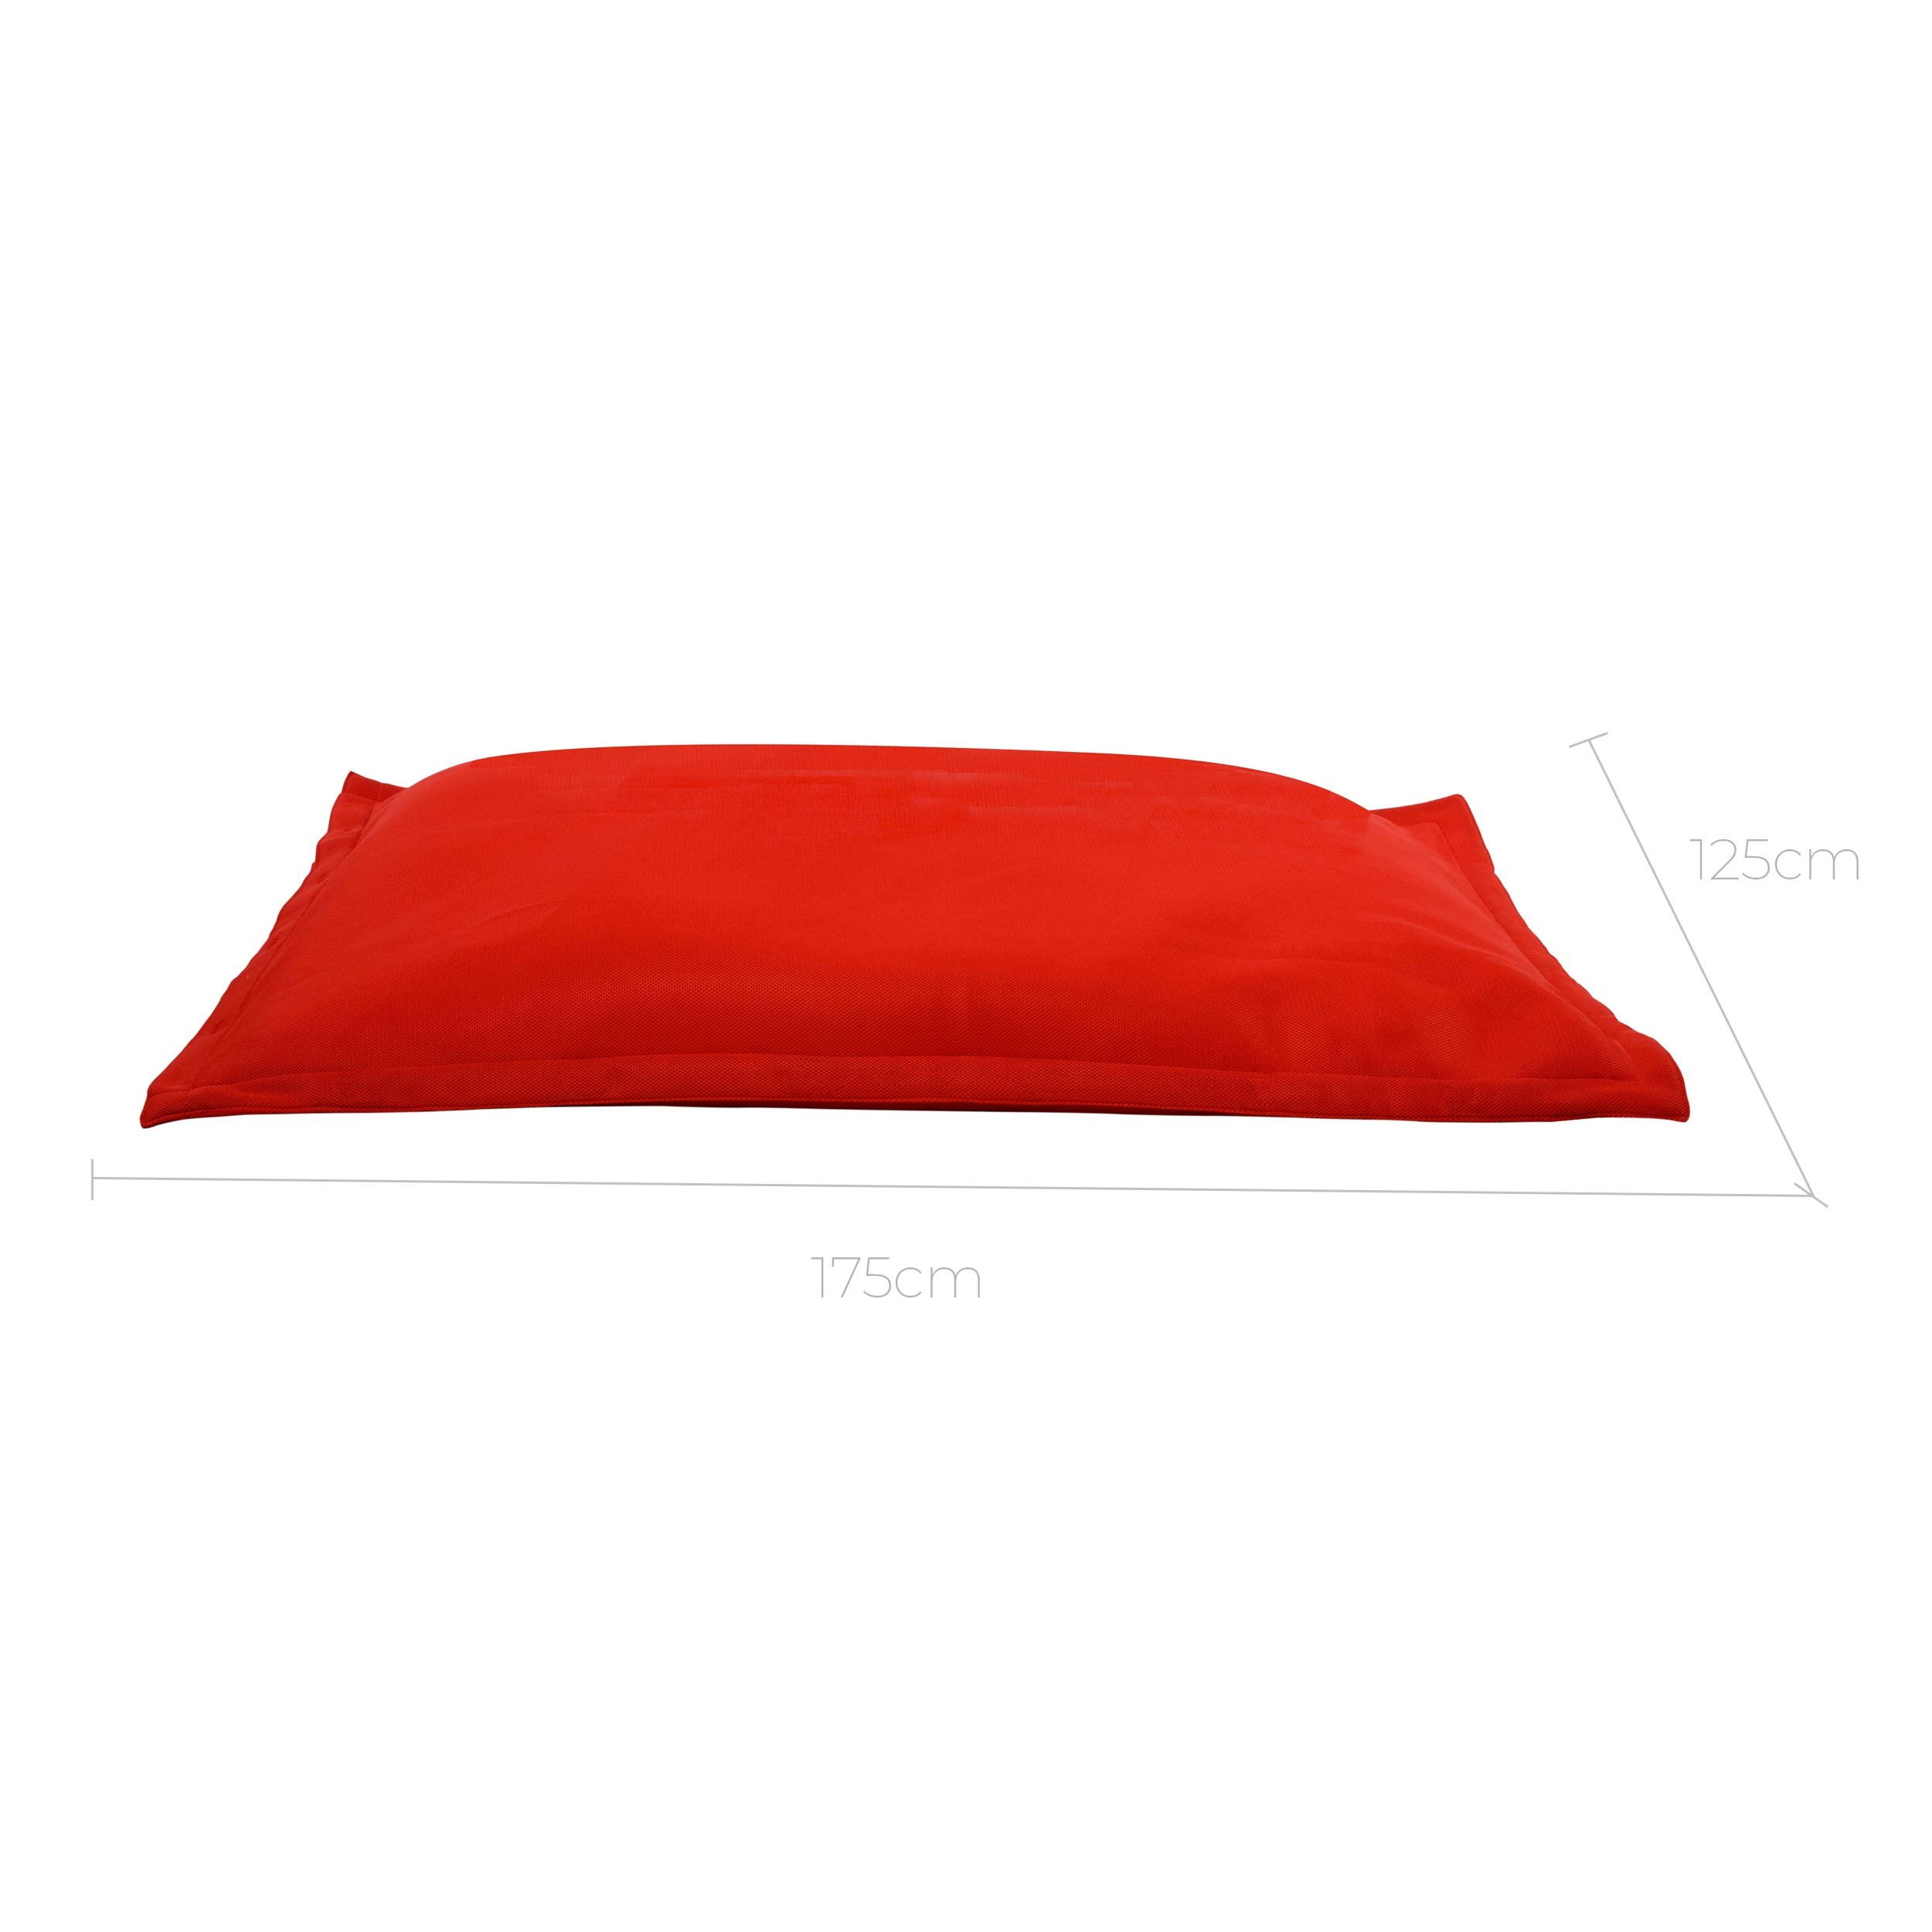 Coussin géant rouge Soledad : craquez pour nos coussins géants ...